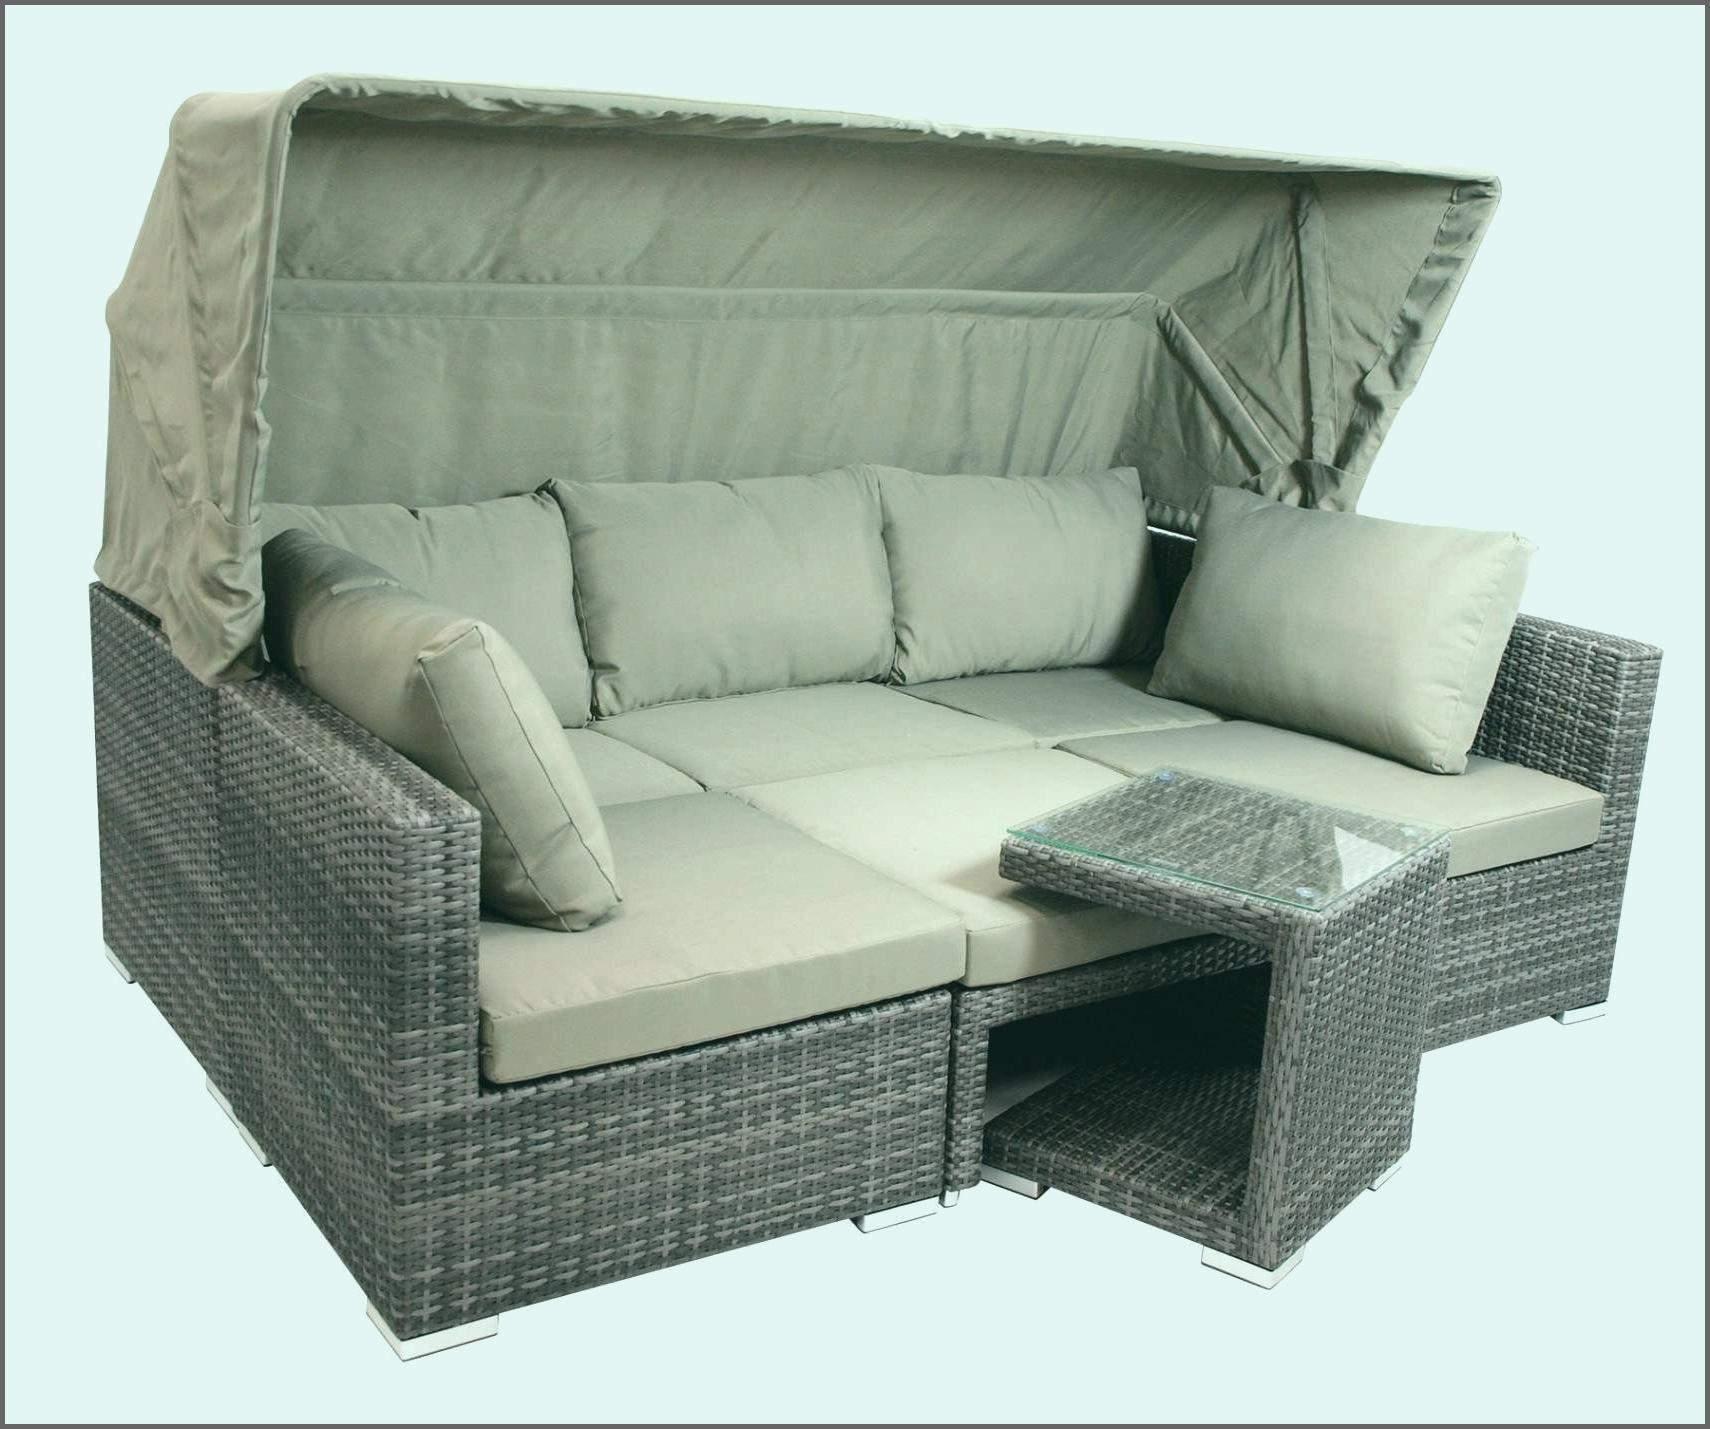 sessel wohnzimmer elegant 31 fantastisch und frisch lounge sessel wohnzimmer of sessel wohnzimmer